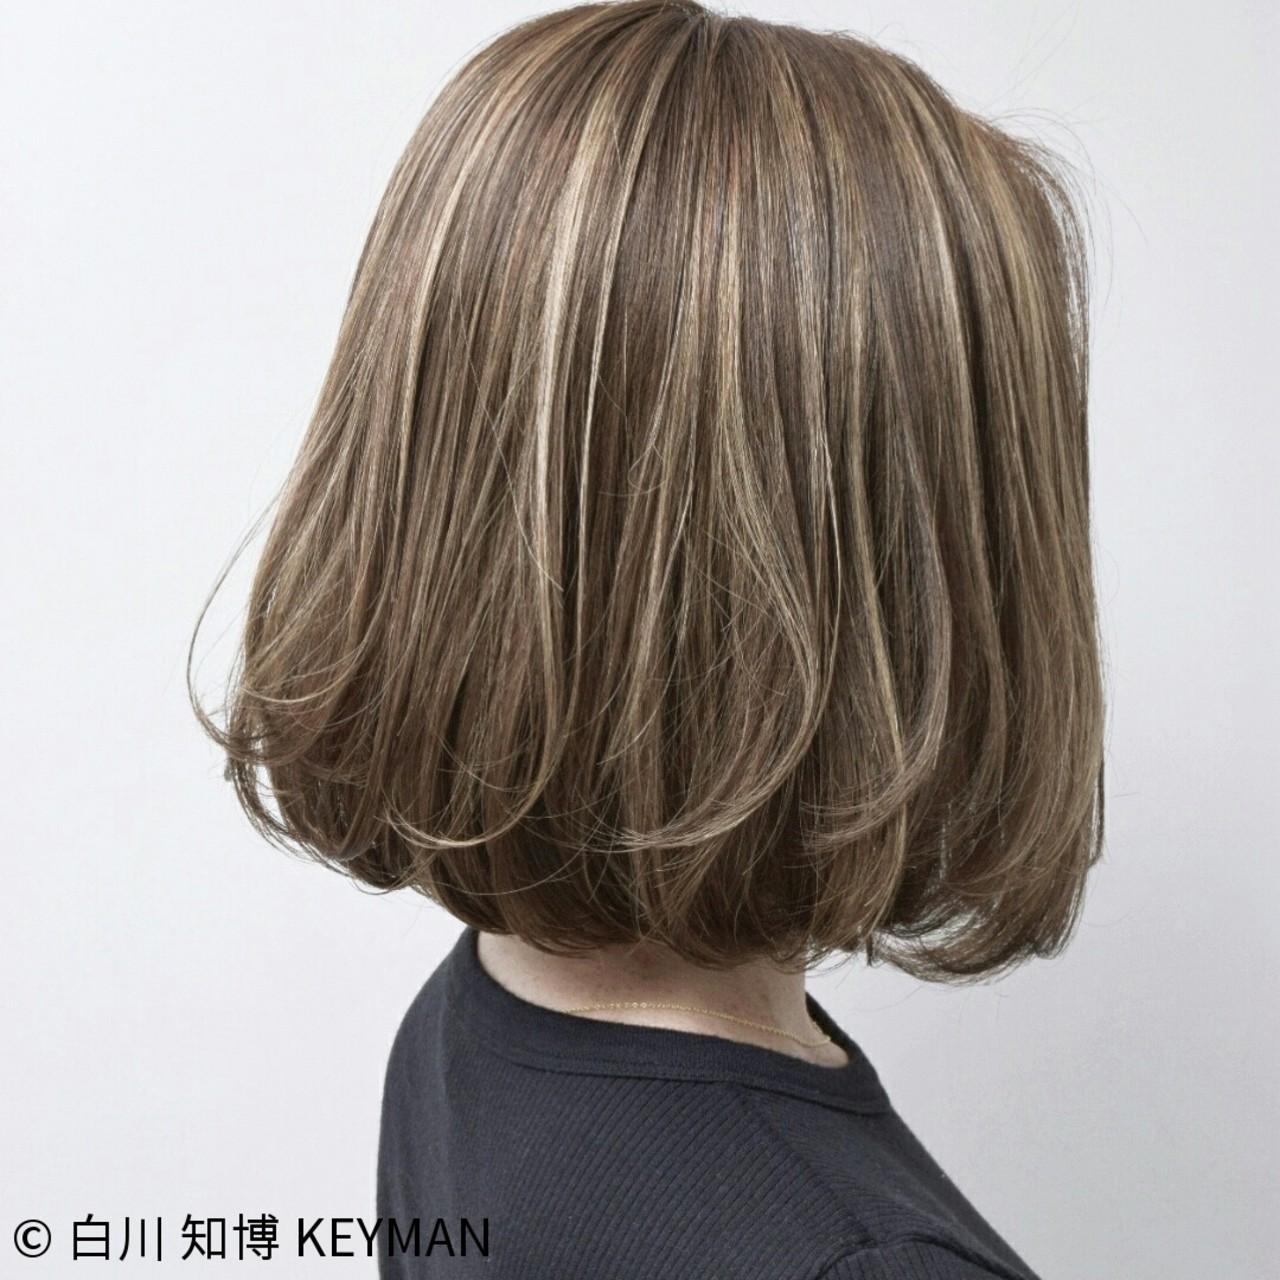 ハイライト リラックス バレイヤージュ ボブ ヘアスタイルや髪型の写真・画像